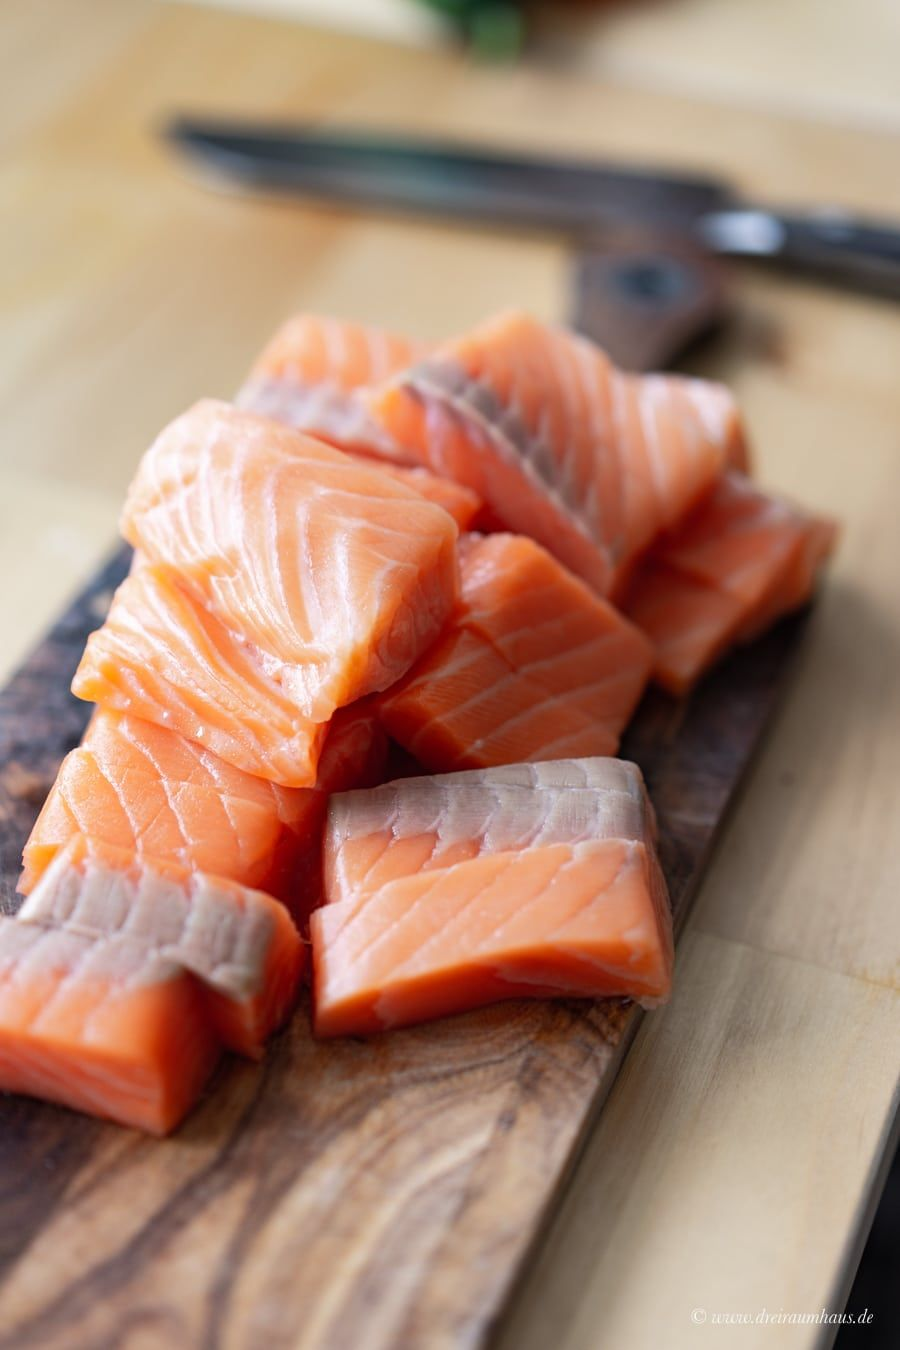 Dekosamstag: Ein flexibler Beistelltisch von Ferm Living und Lachs Fischstäbchen Deluxe im Pankomantel!